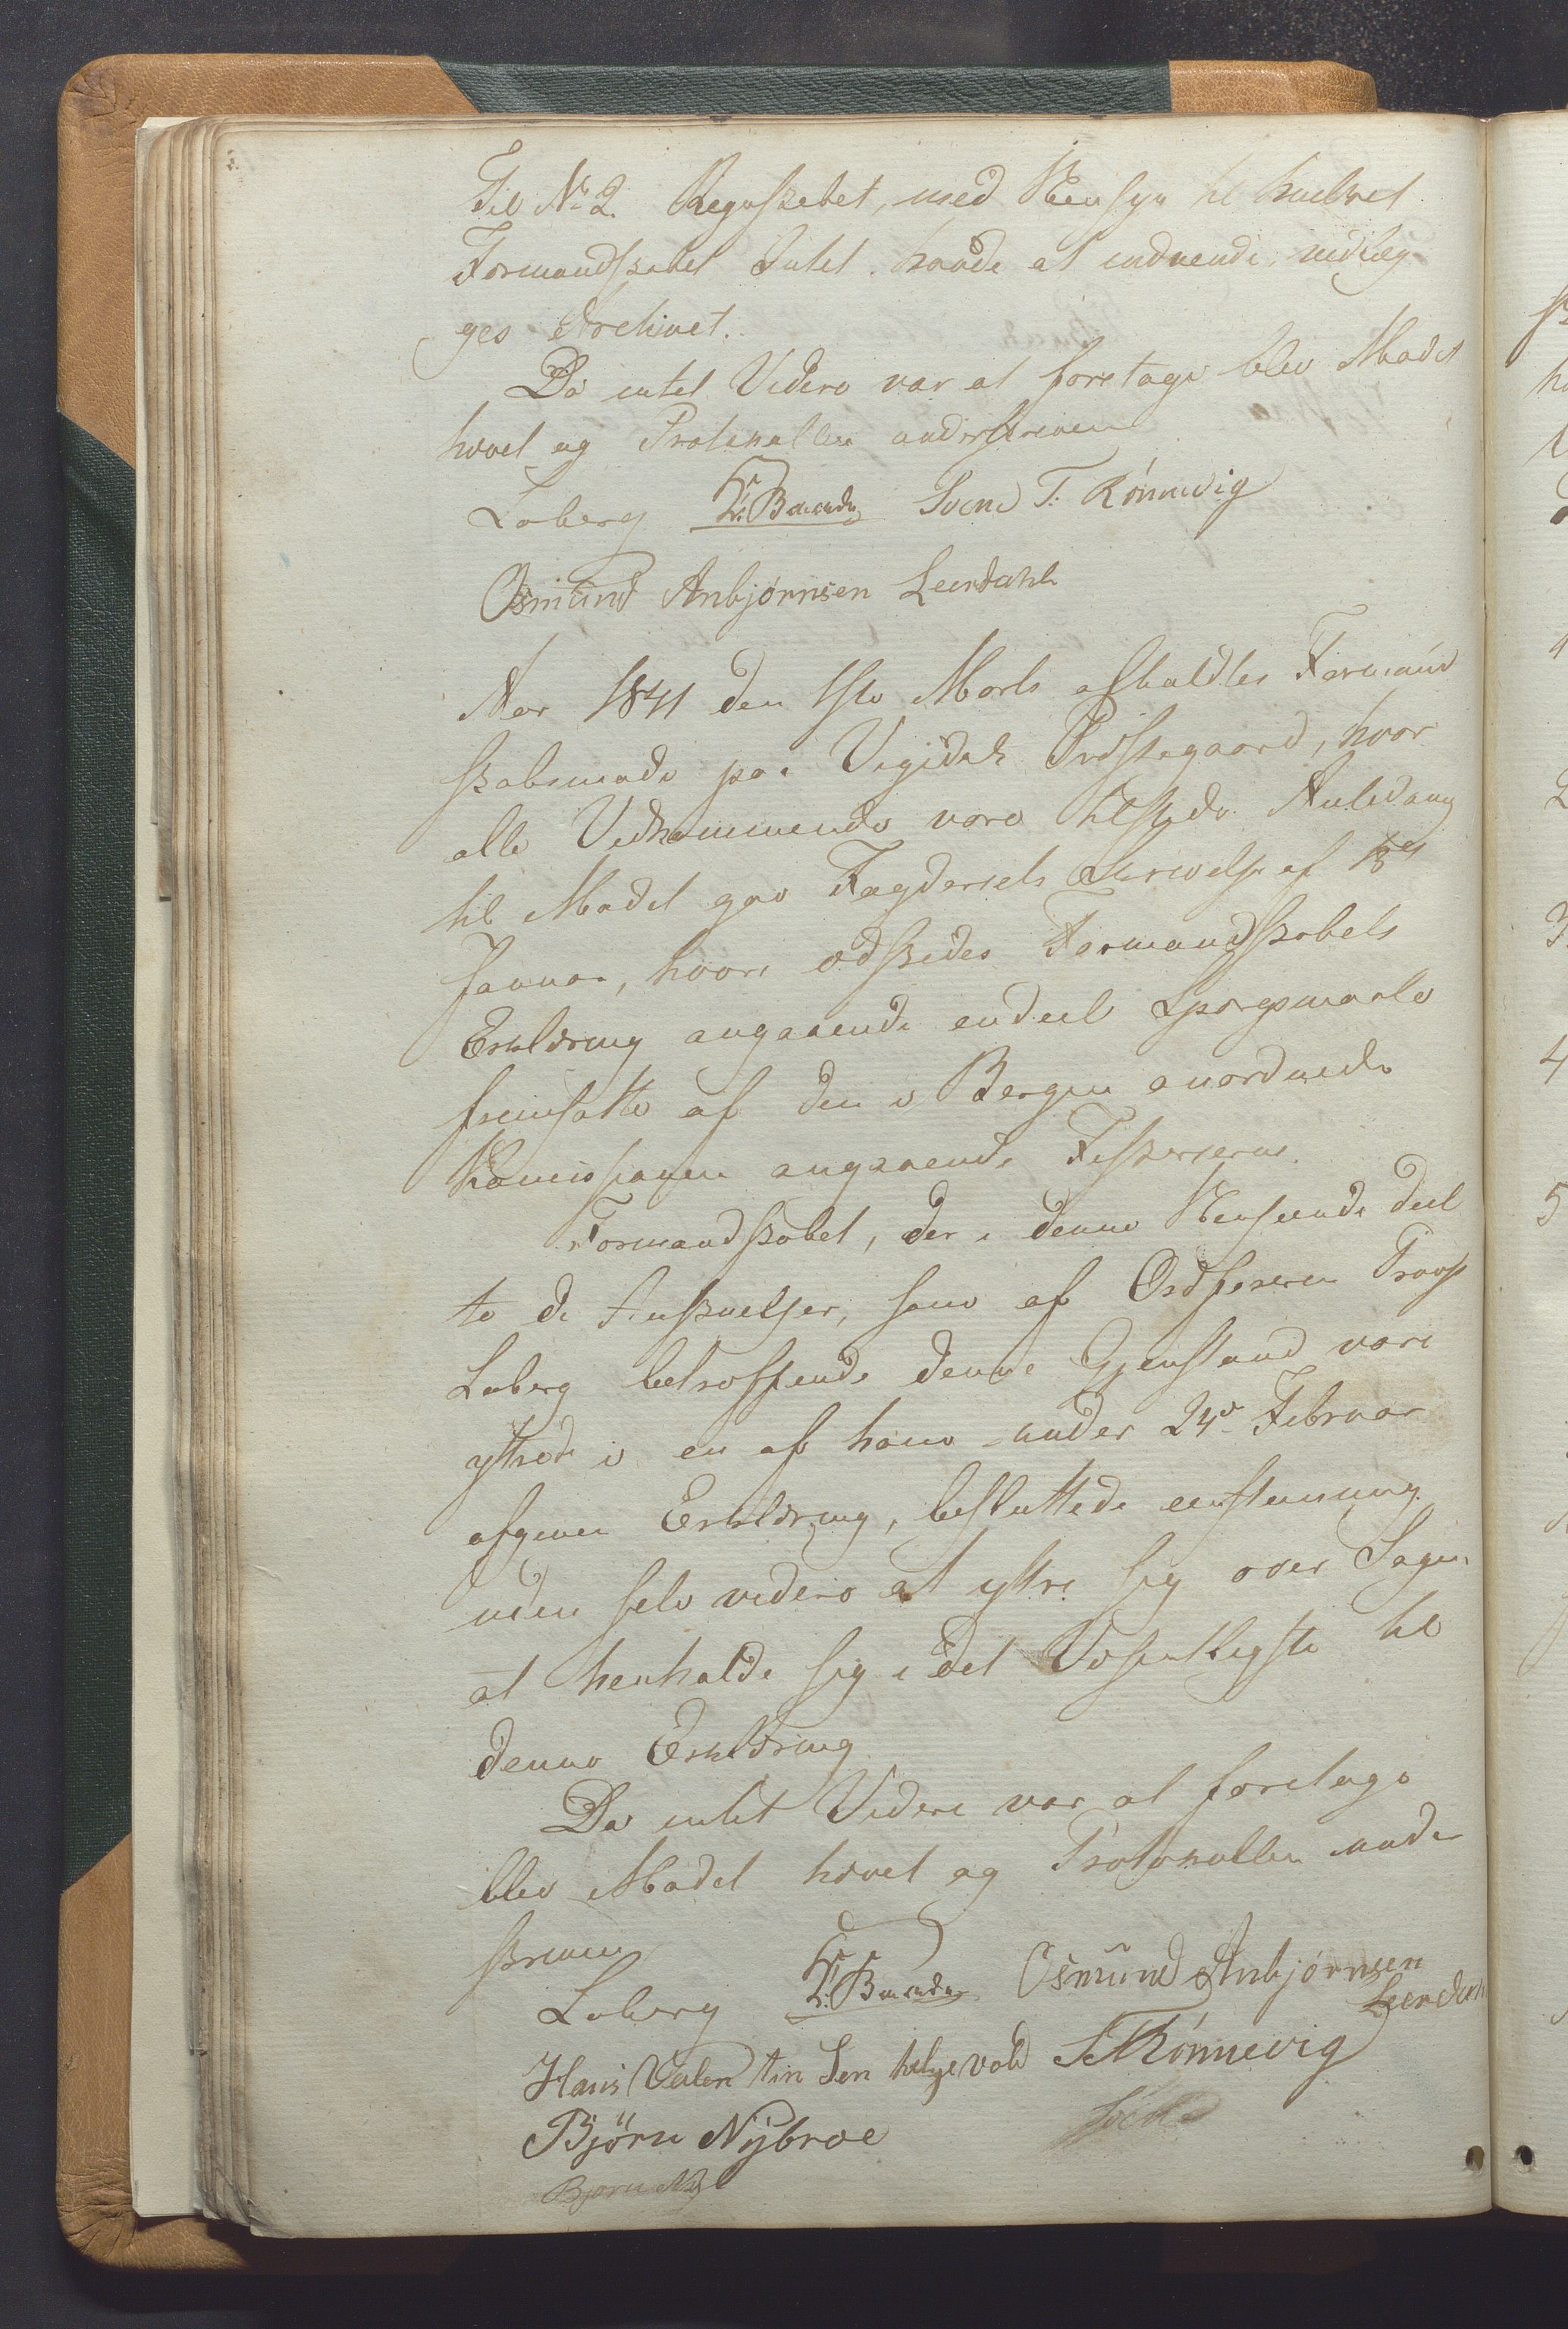 IKAR, Vikedal kommune - Formannskapet, Aaa/L0001: Møtebok, 1837-1874, s. 41b